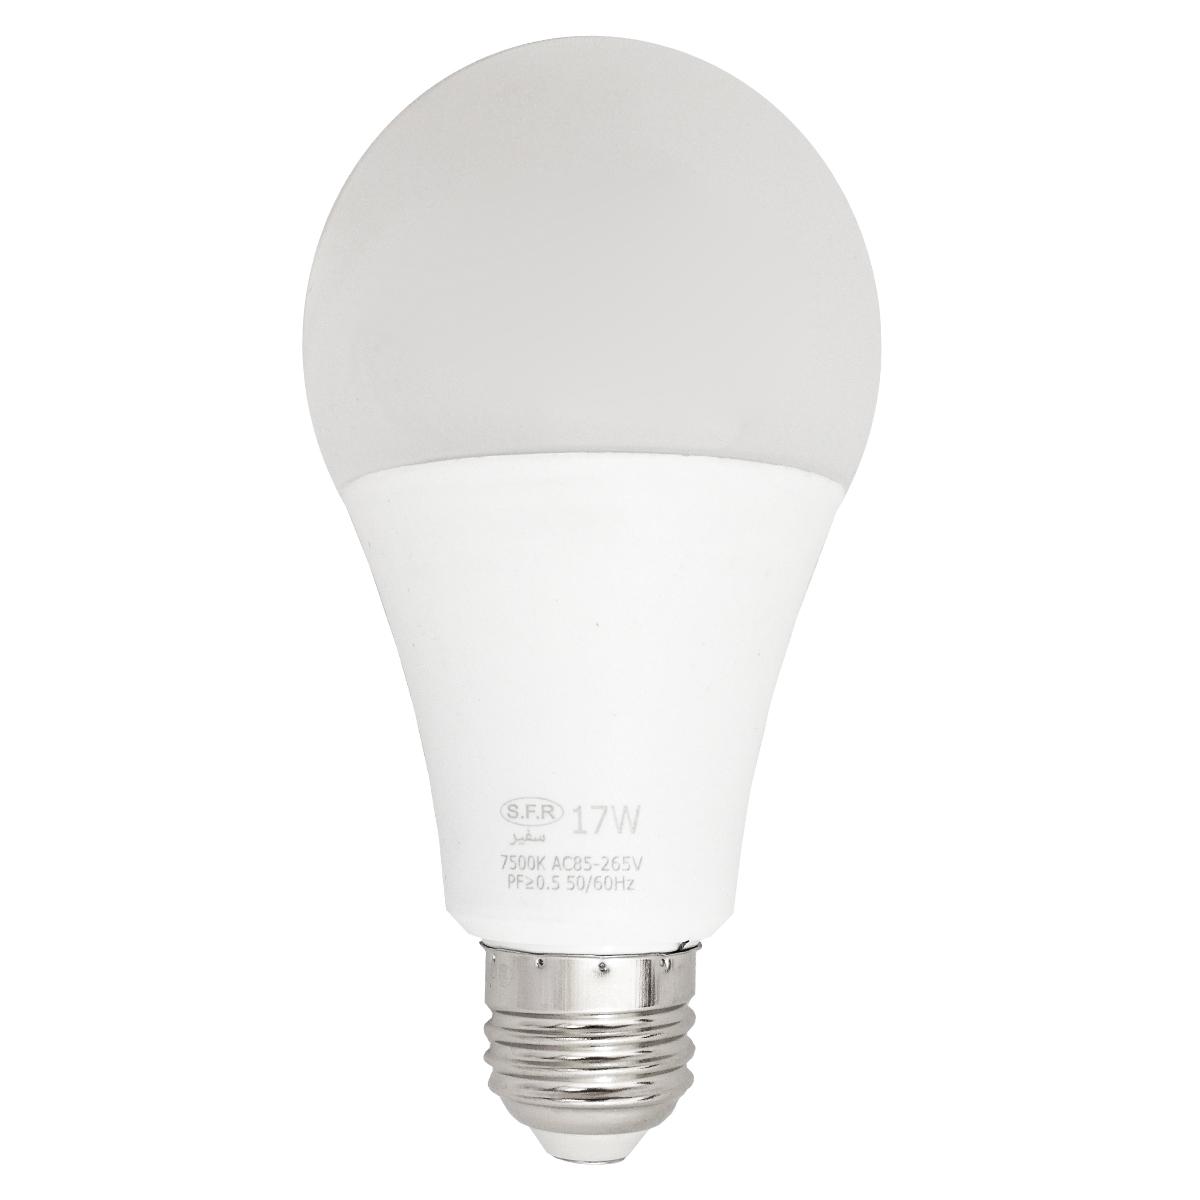 لامپ ال ای دی 17 وات سفیر مدل SFR90 پایه E27